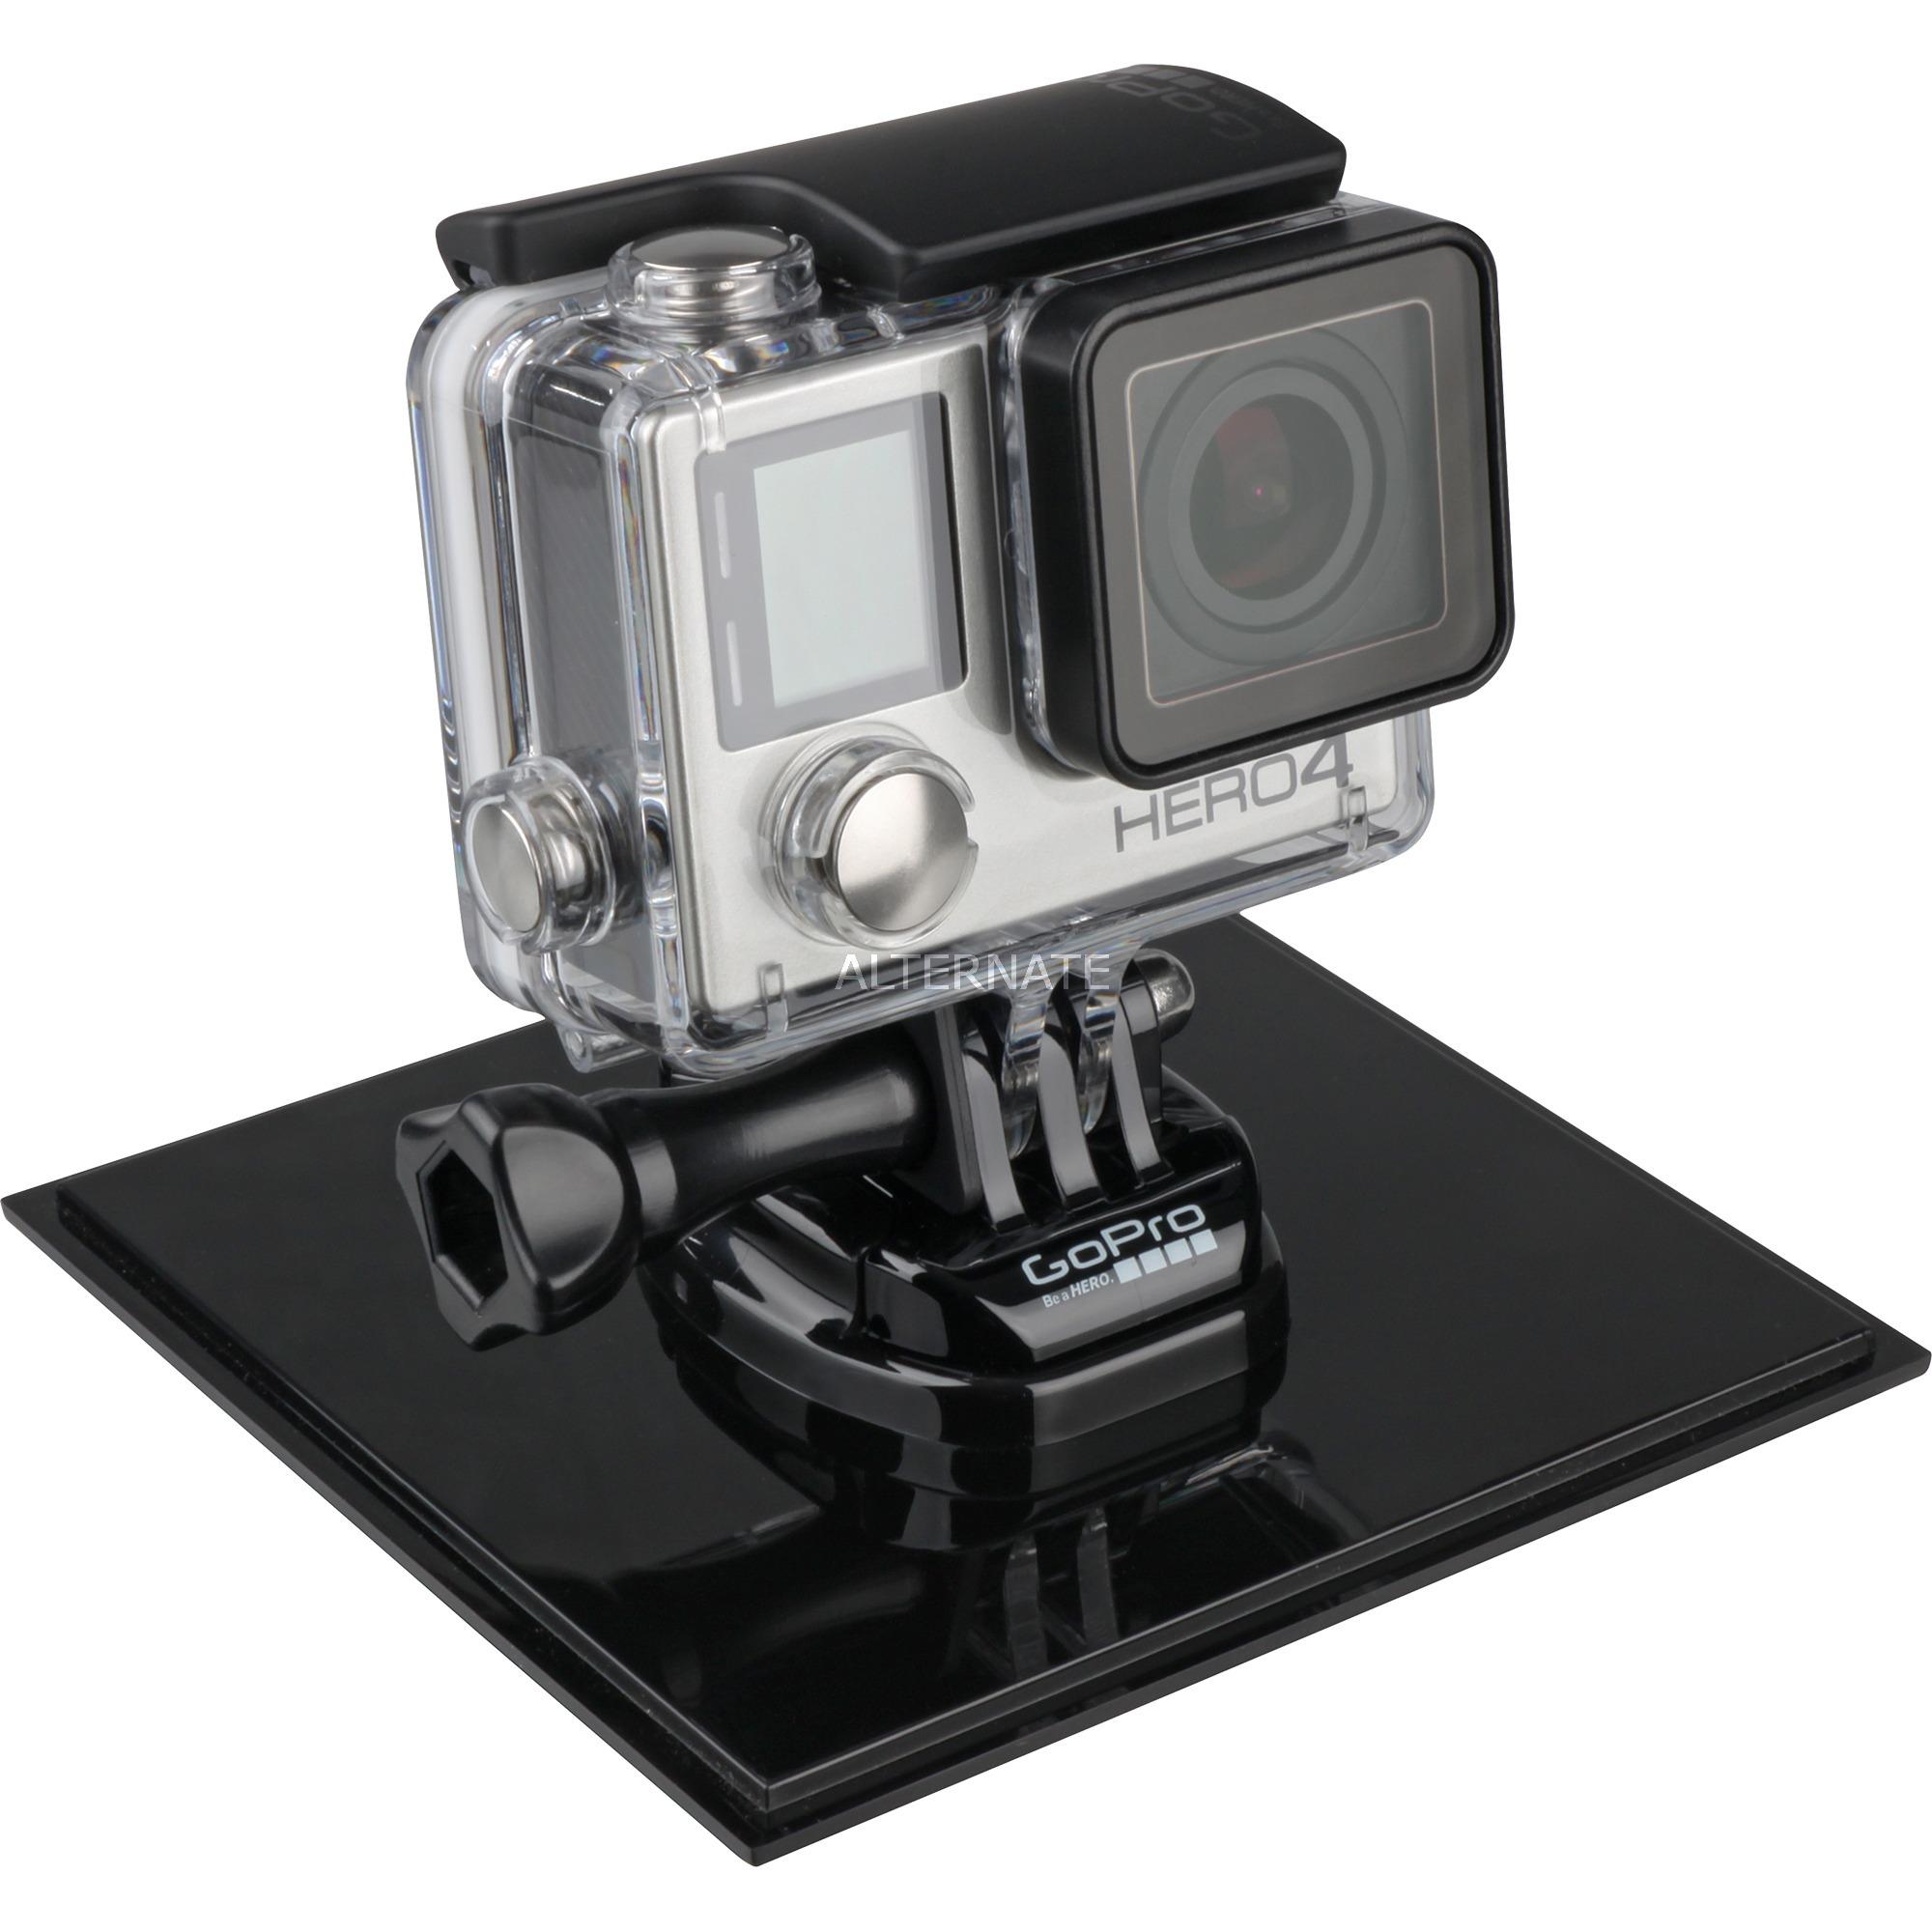 HERO4 Black 12MP Full HD Wifi 88g cámara para deporte de acción,...